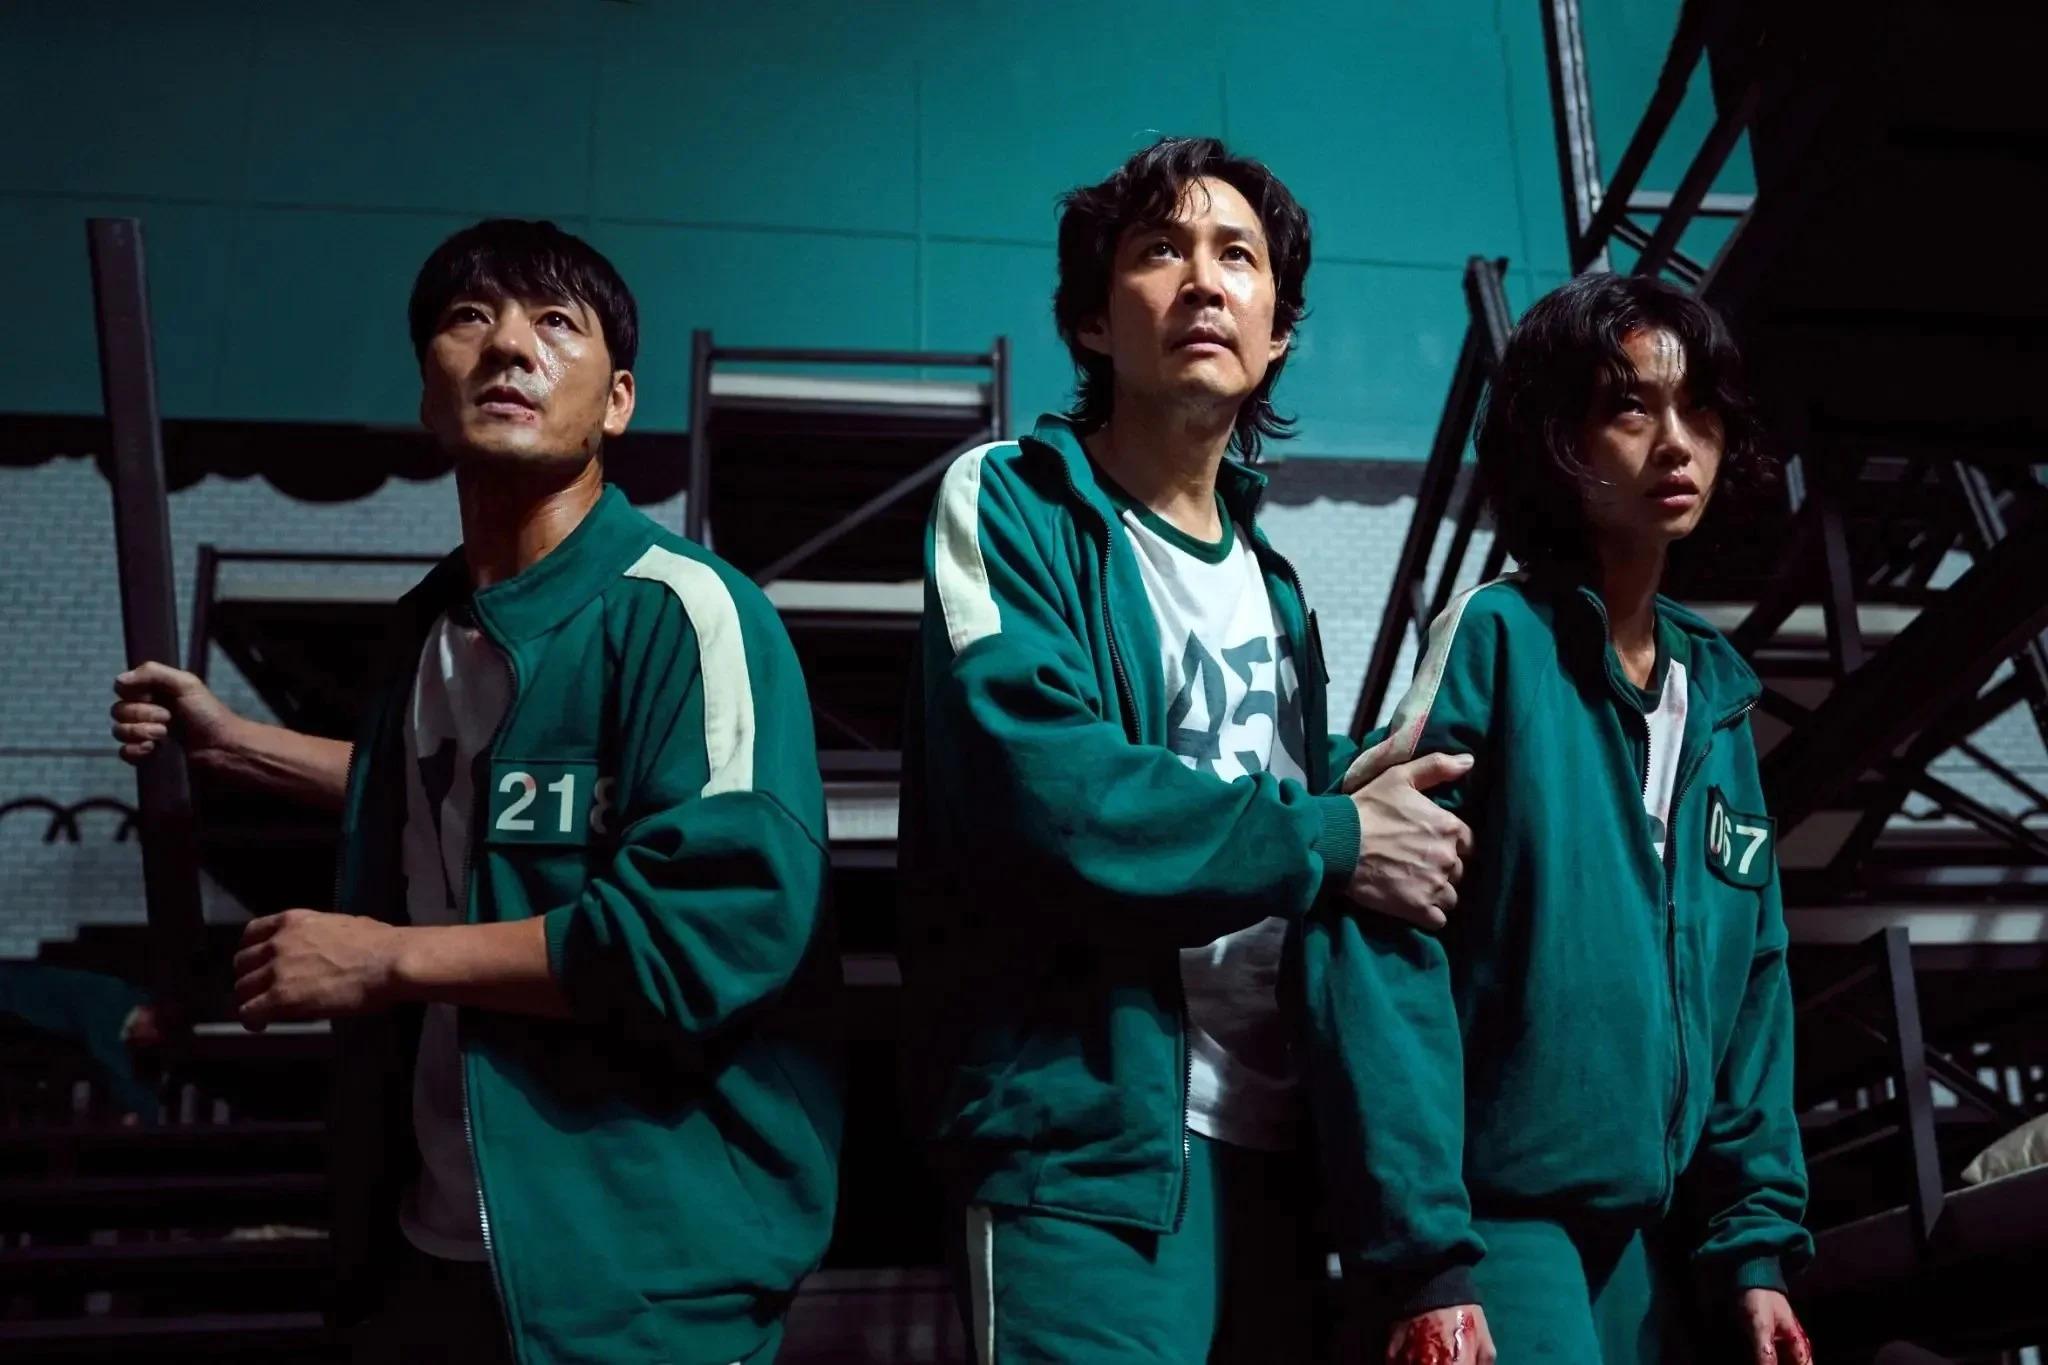 Οι χαρακτήρες Cho Sang-Woo, Seong Gi-Hun και Kang Sae-byeok. Photo Credits: Netflix